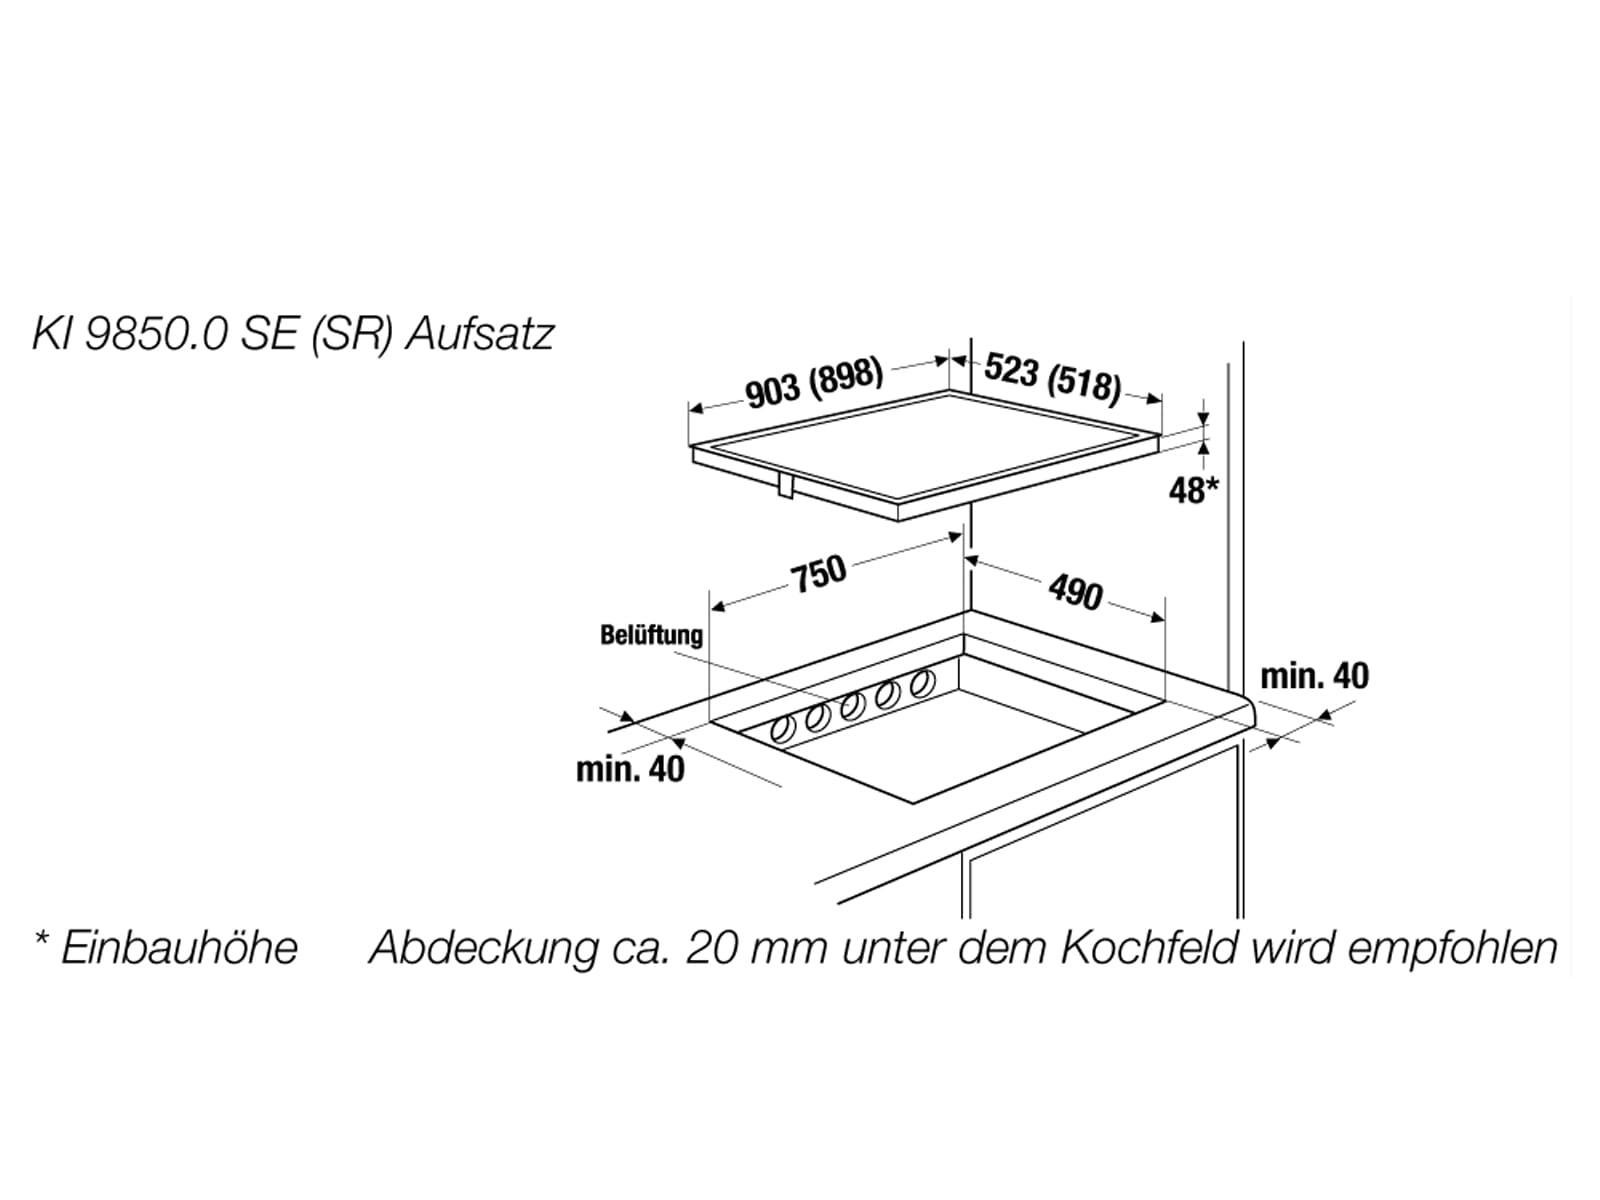 Küppersbusch KI 9850.0 SE K-Series. 8 Induktionskochfeld autark